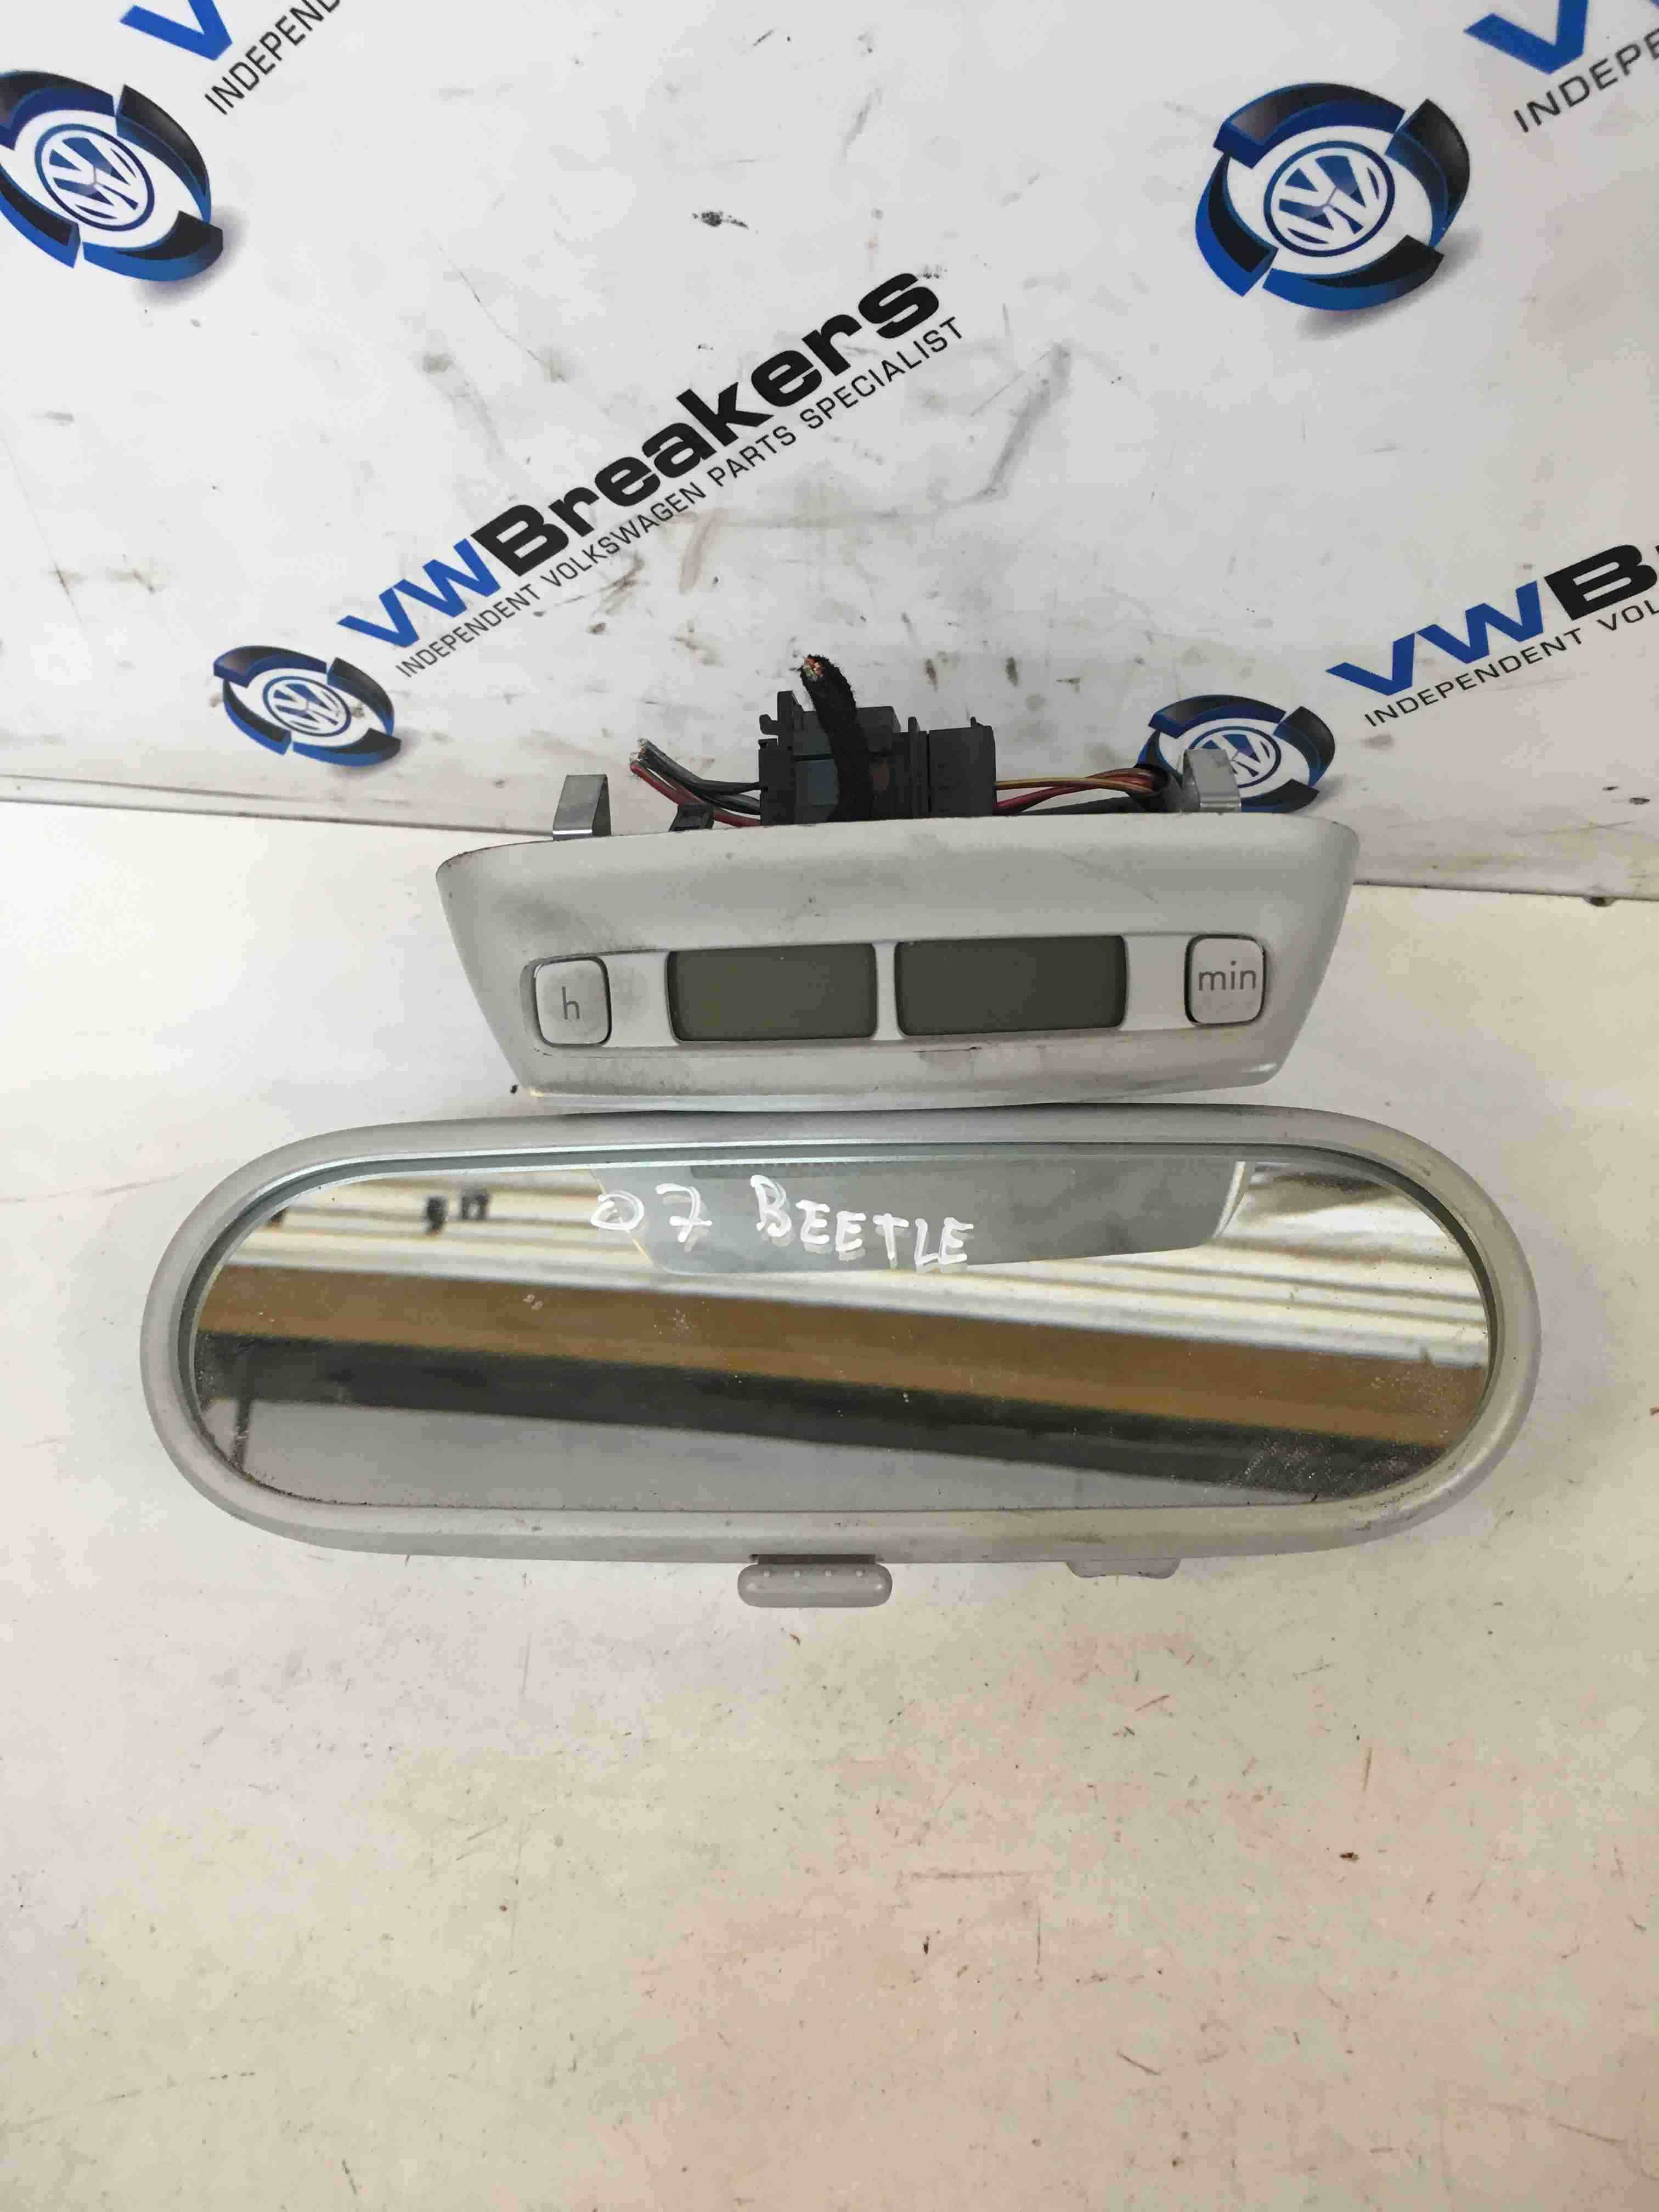 Volkswagen Beetle 2006-2011 Rear View Mirror + Clock 1C0857511BRY20